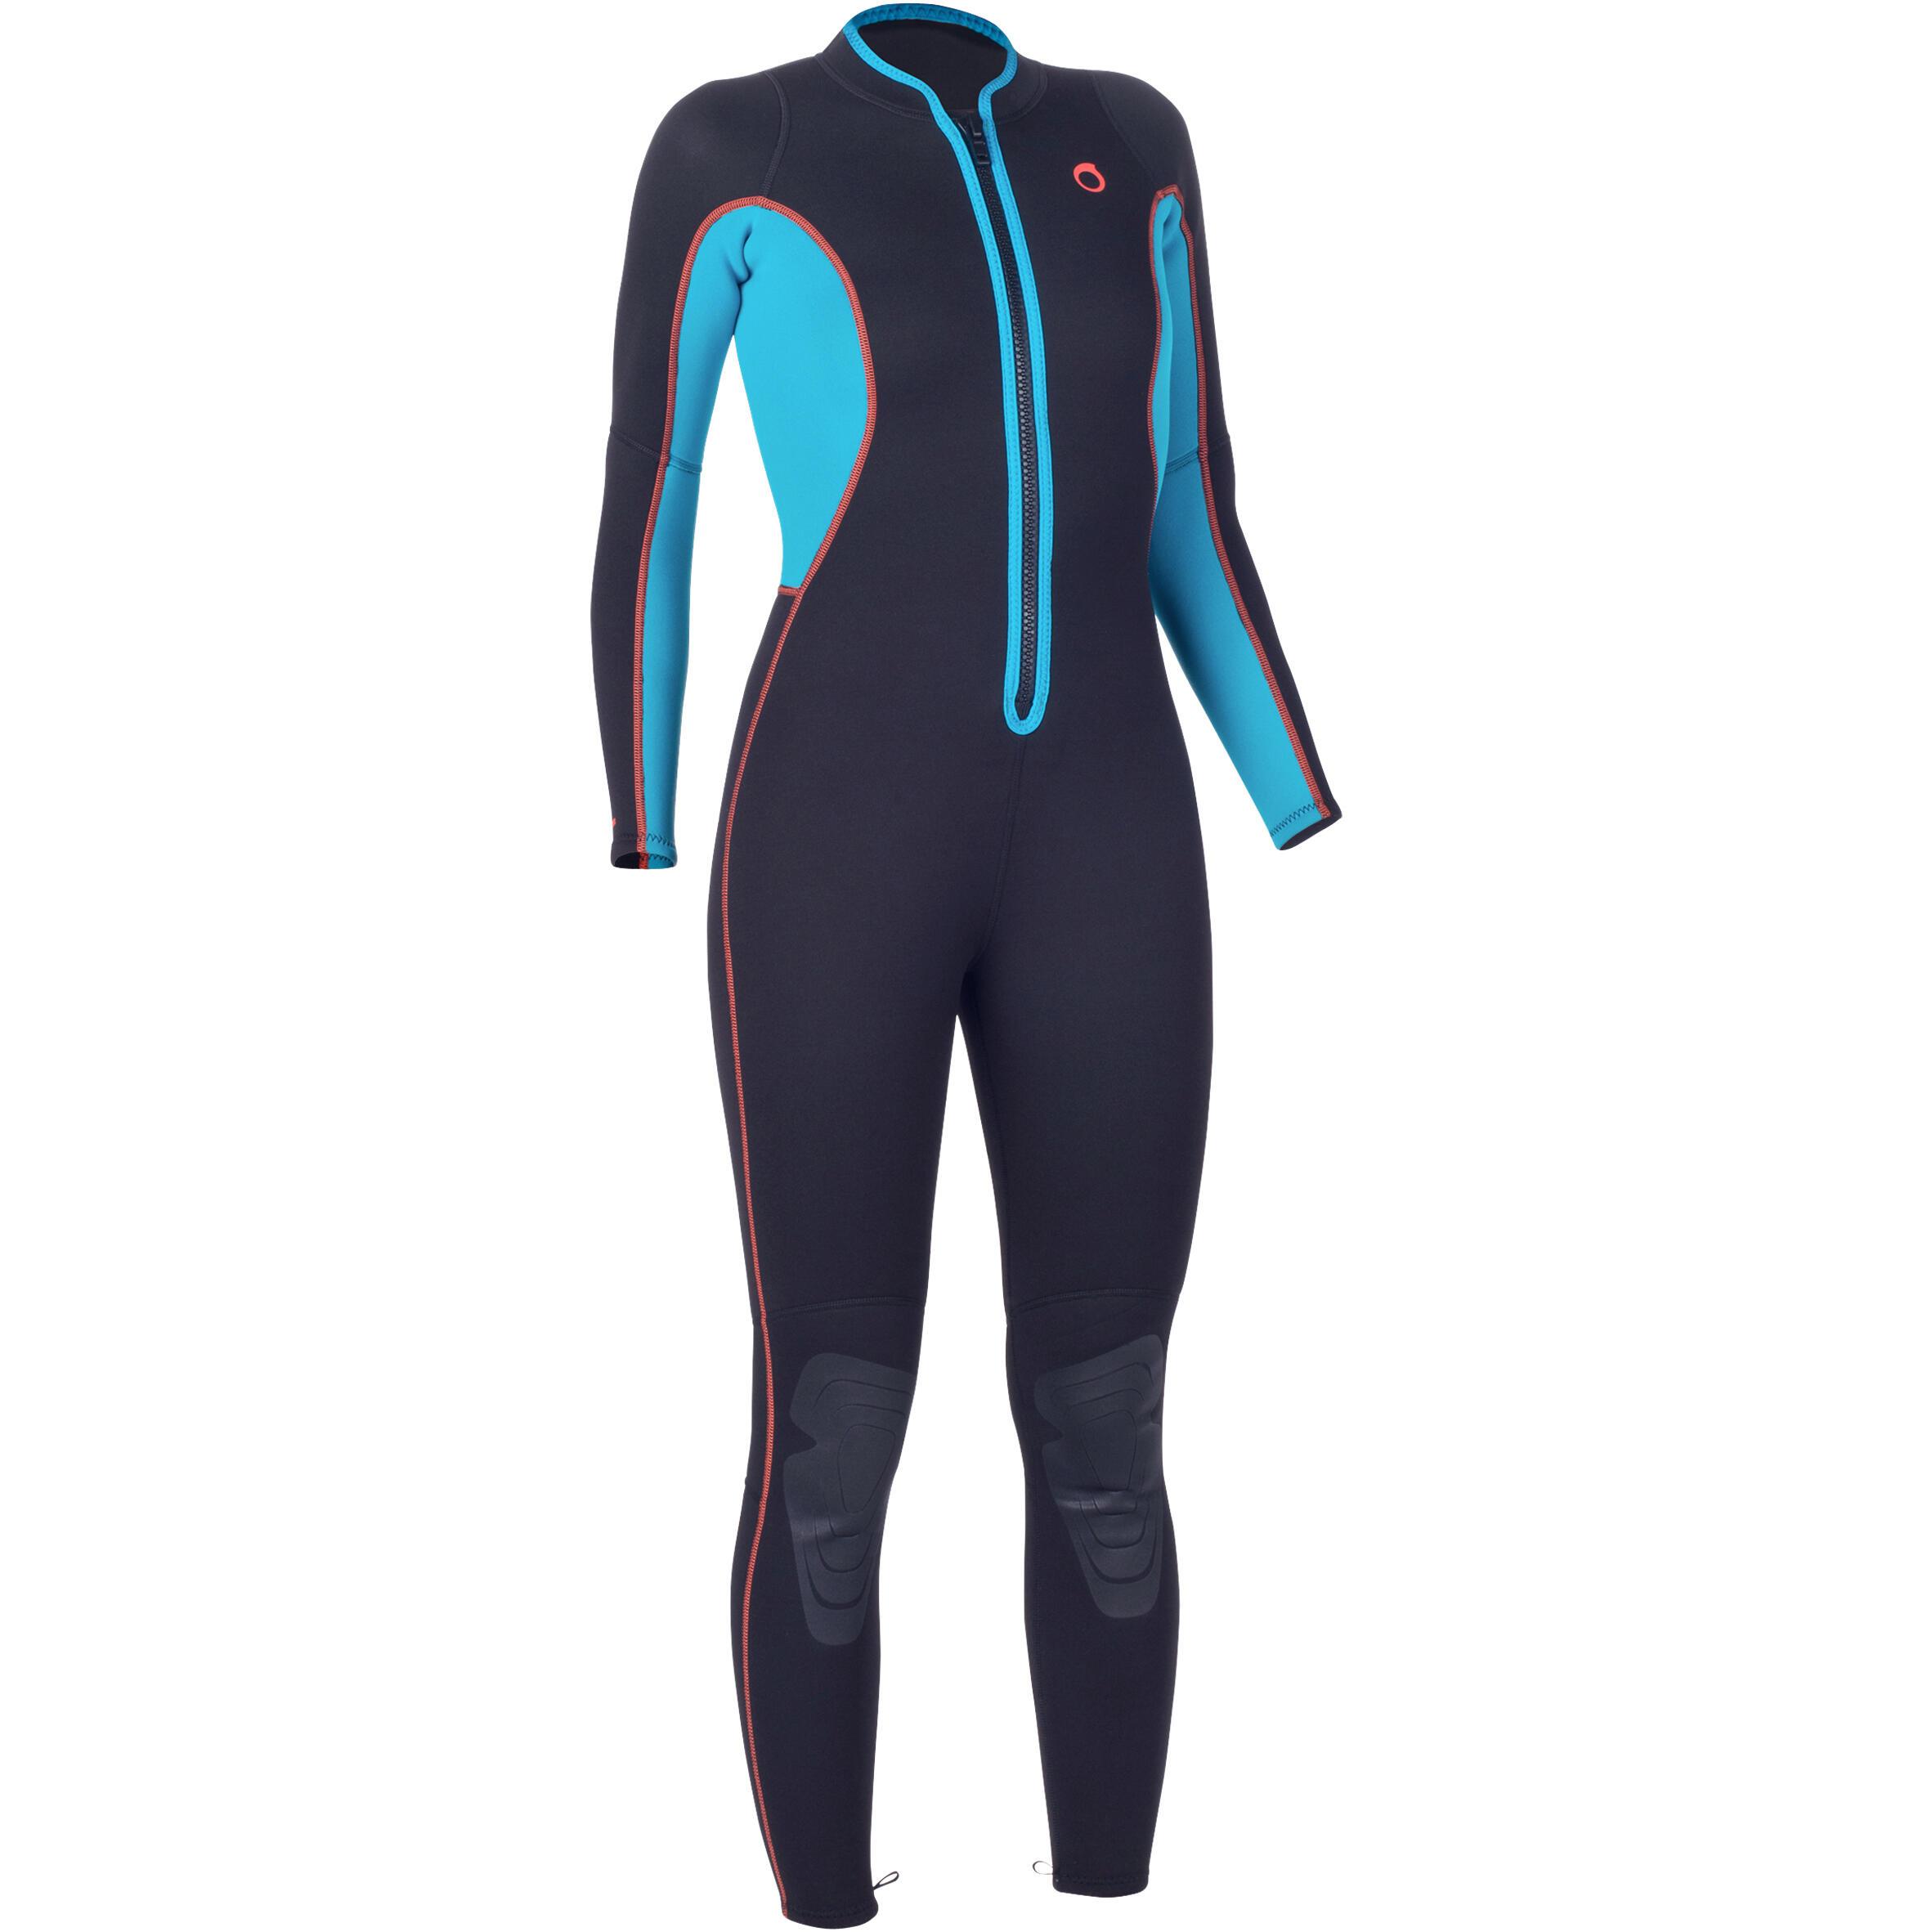 Wetsuit seluruh tubuh Snorkeling Wanita 2mm Full - Toska